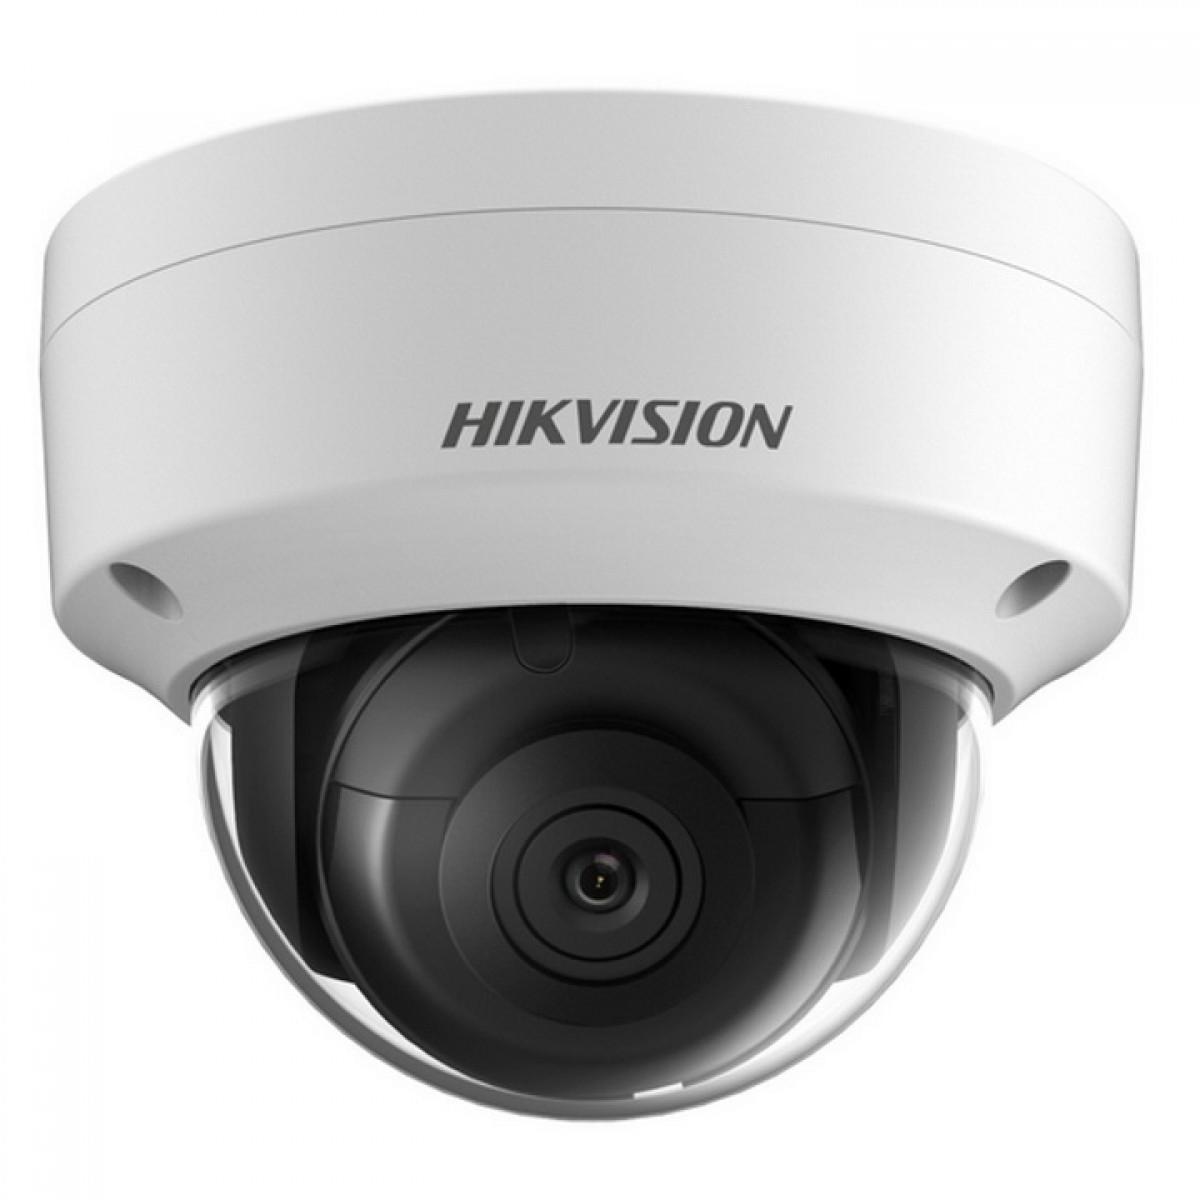 Εικόνα της DS-2CD1123G0-I Mini Dome IP 2MP 2,8mm Lens Hikvision